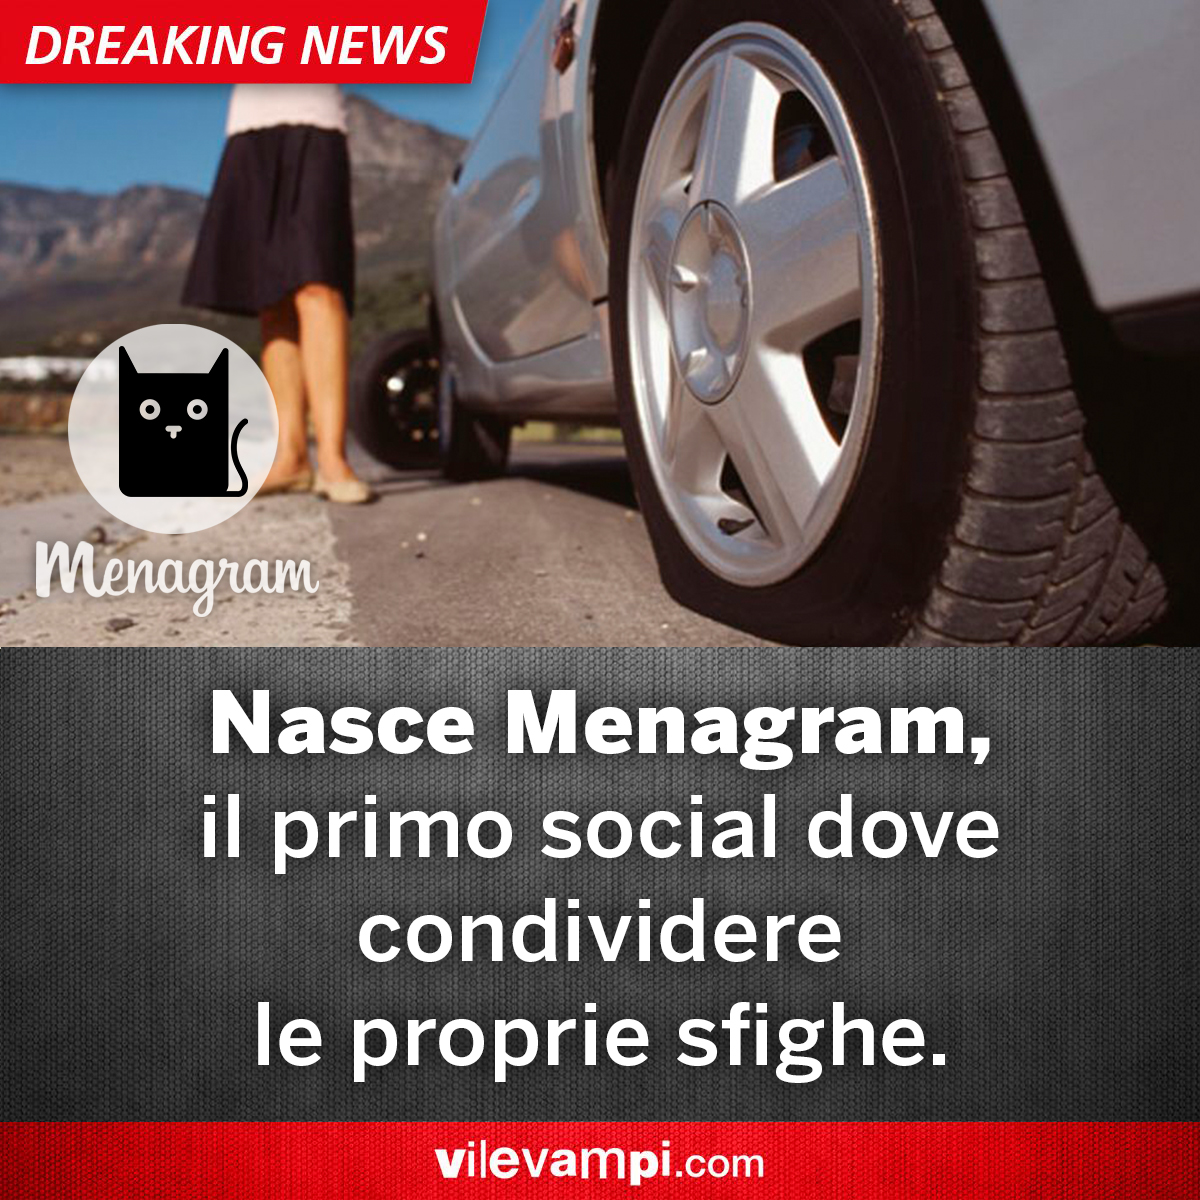 2019_Drek_news_menagram